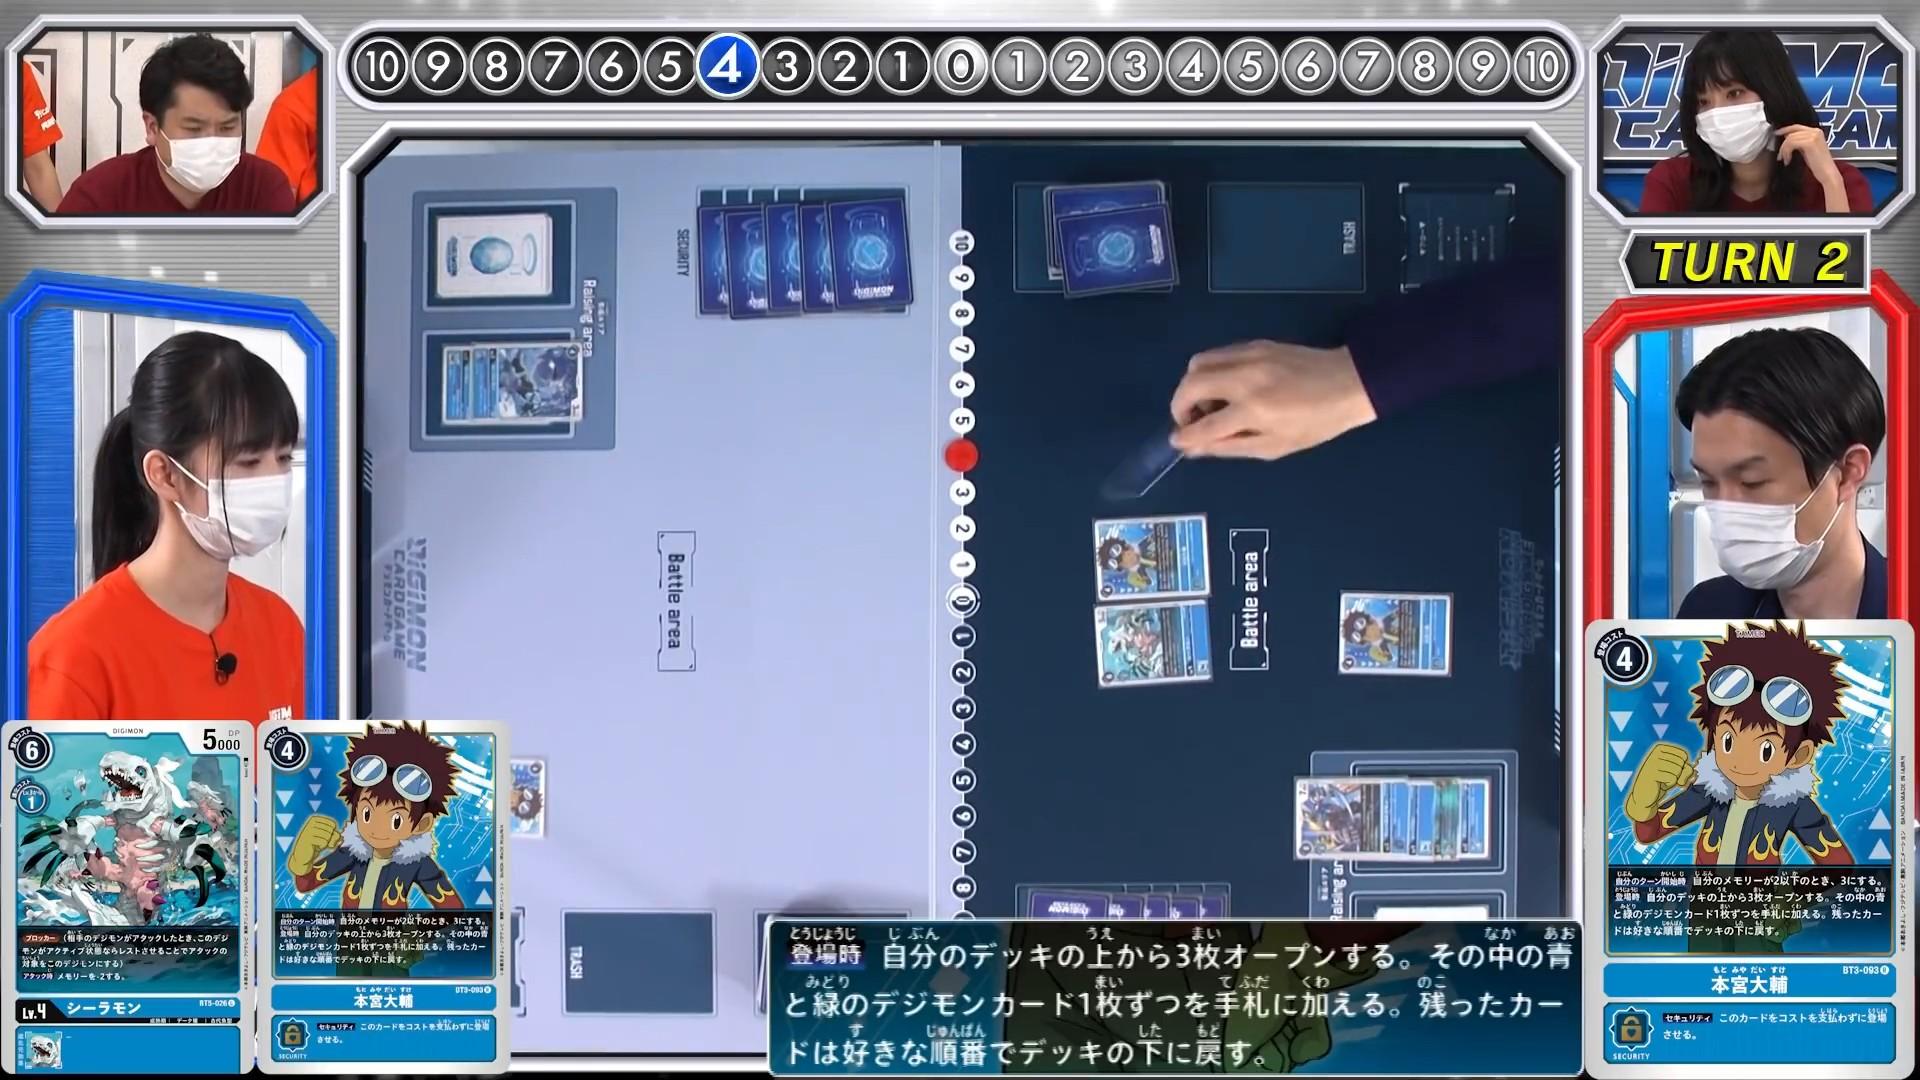 digimoncardbattle_v2_34_03_june17_2021.jpg